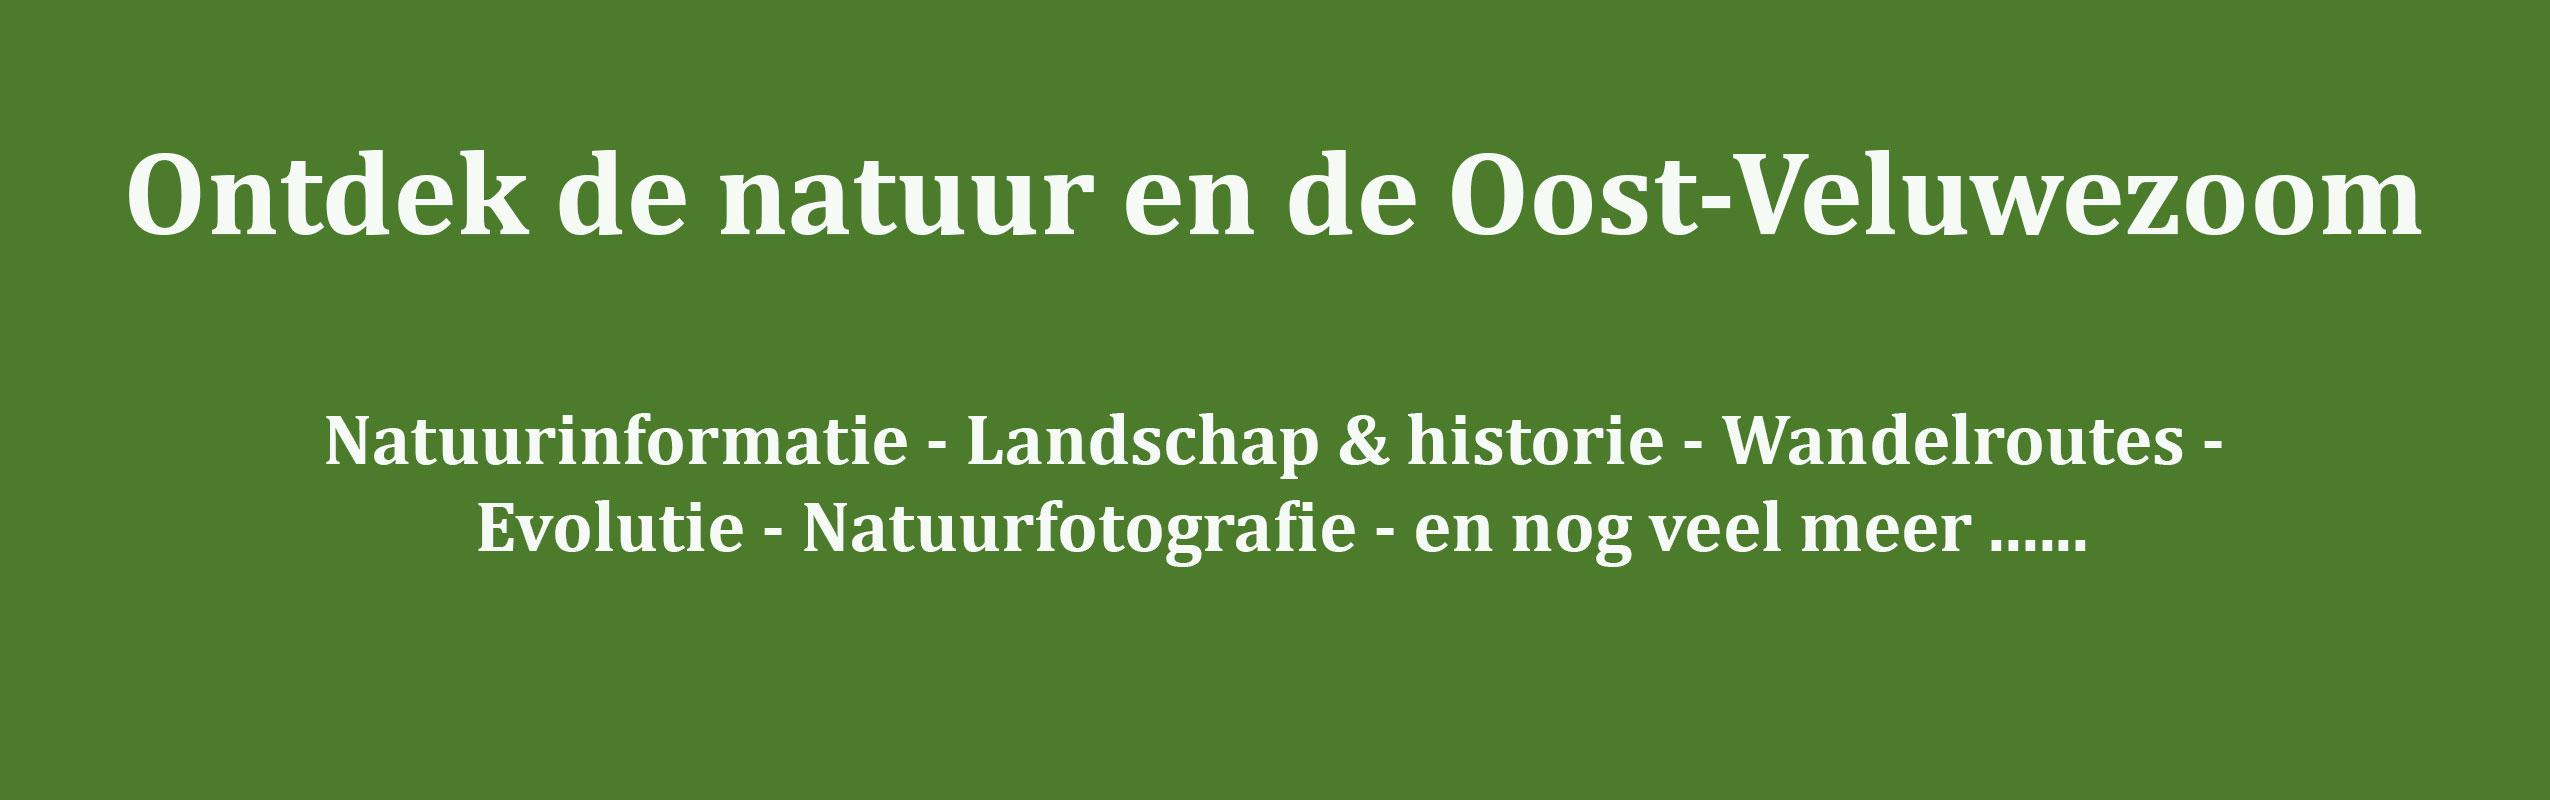 De Oost-Veluwezoom is een gebied dat ligt tussen Arnhem en Dieren, ingeklemd tussen de stuwwallen van de Veluwe en de IJssel. Kenmerkend voor de Oost-Veluwezoom is het heuvelachtige landschap met veel oude bos- en heidegebieden, uiterwaarden en de rijke cultuurhistorie.